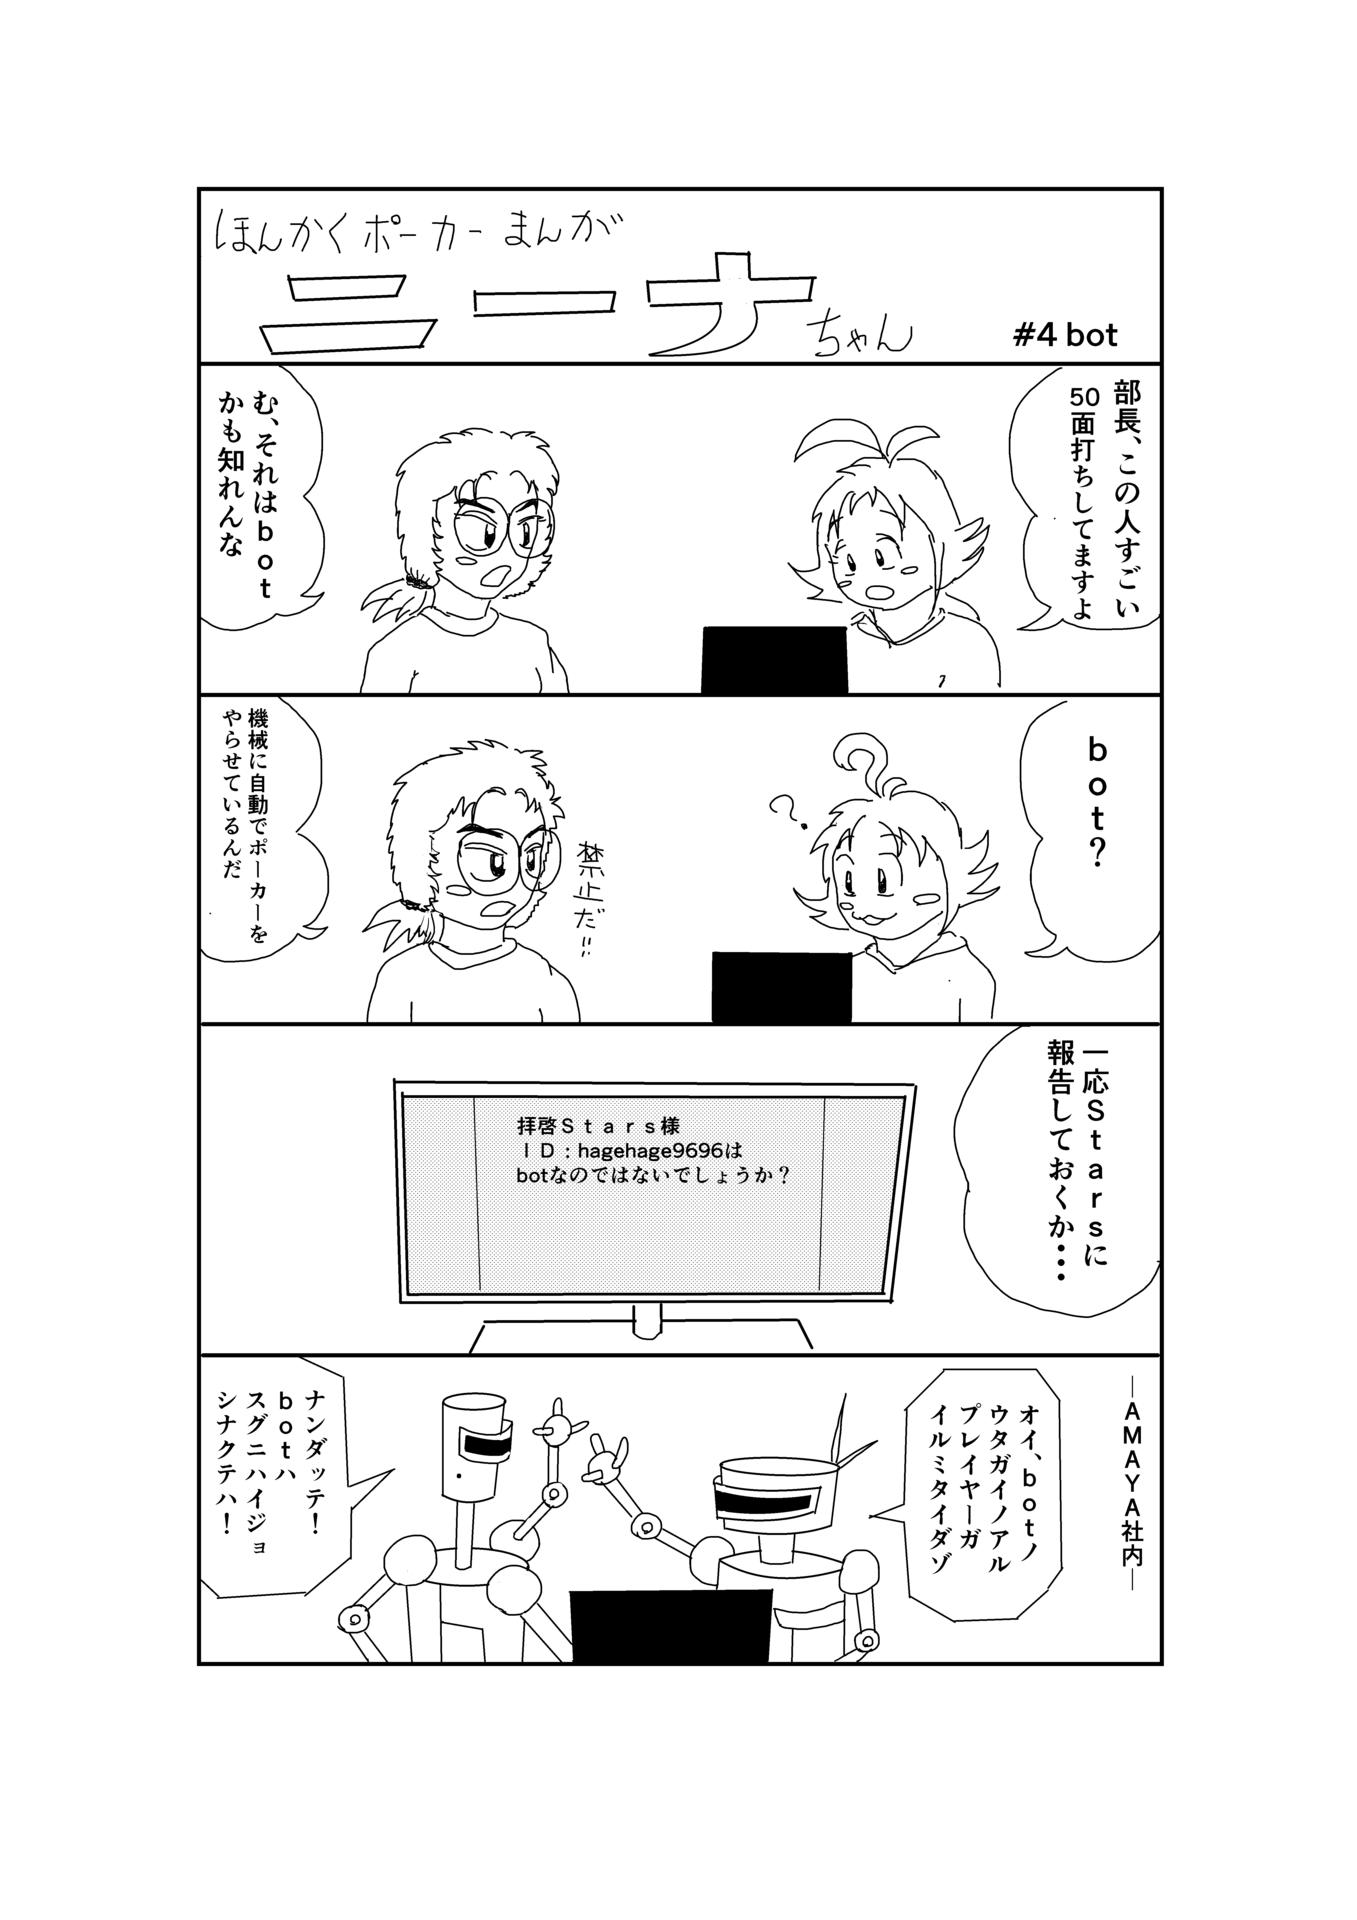 ニーナちゃん4.png